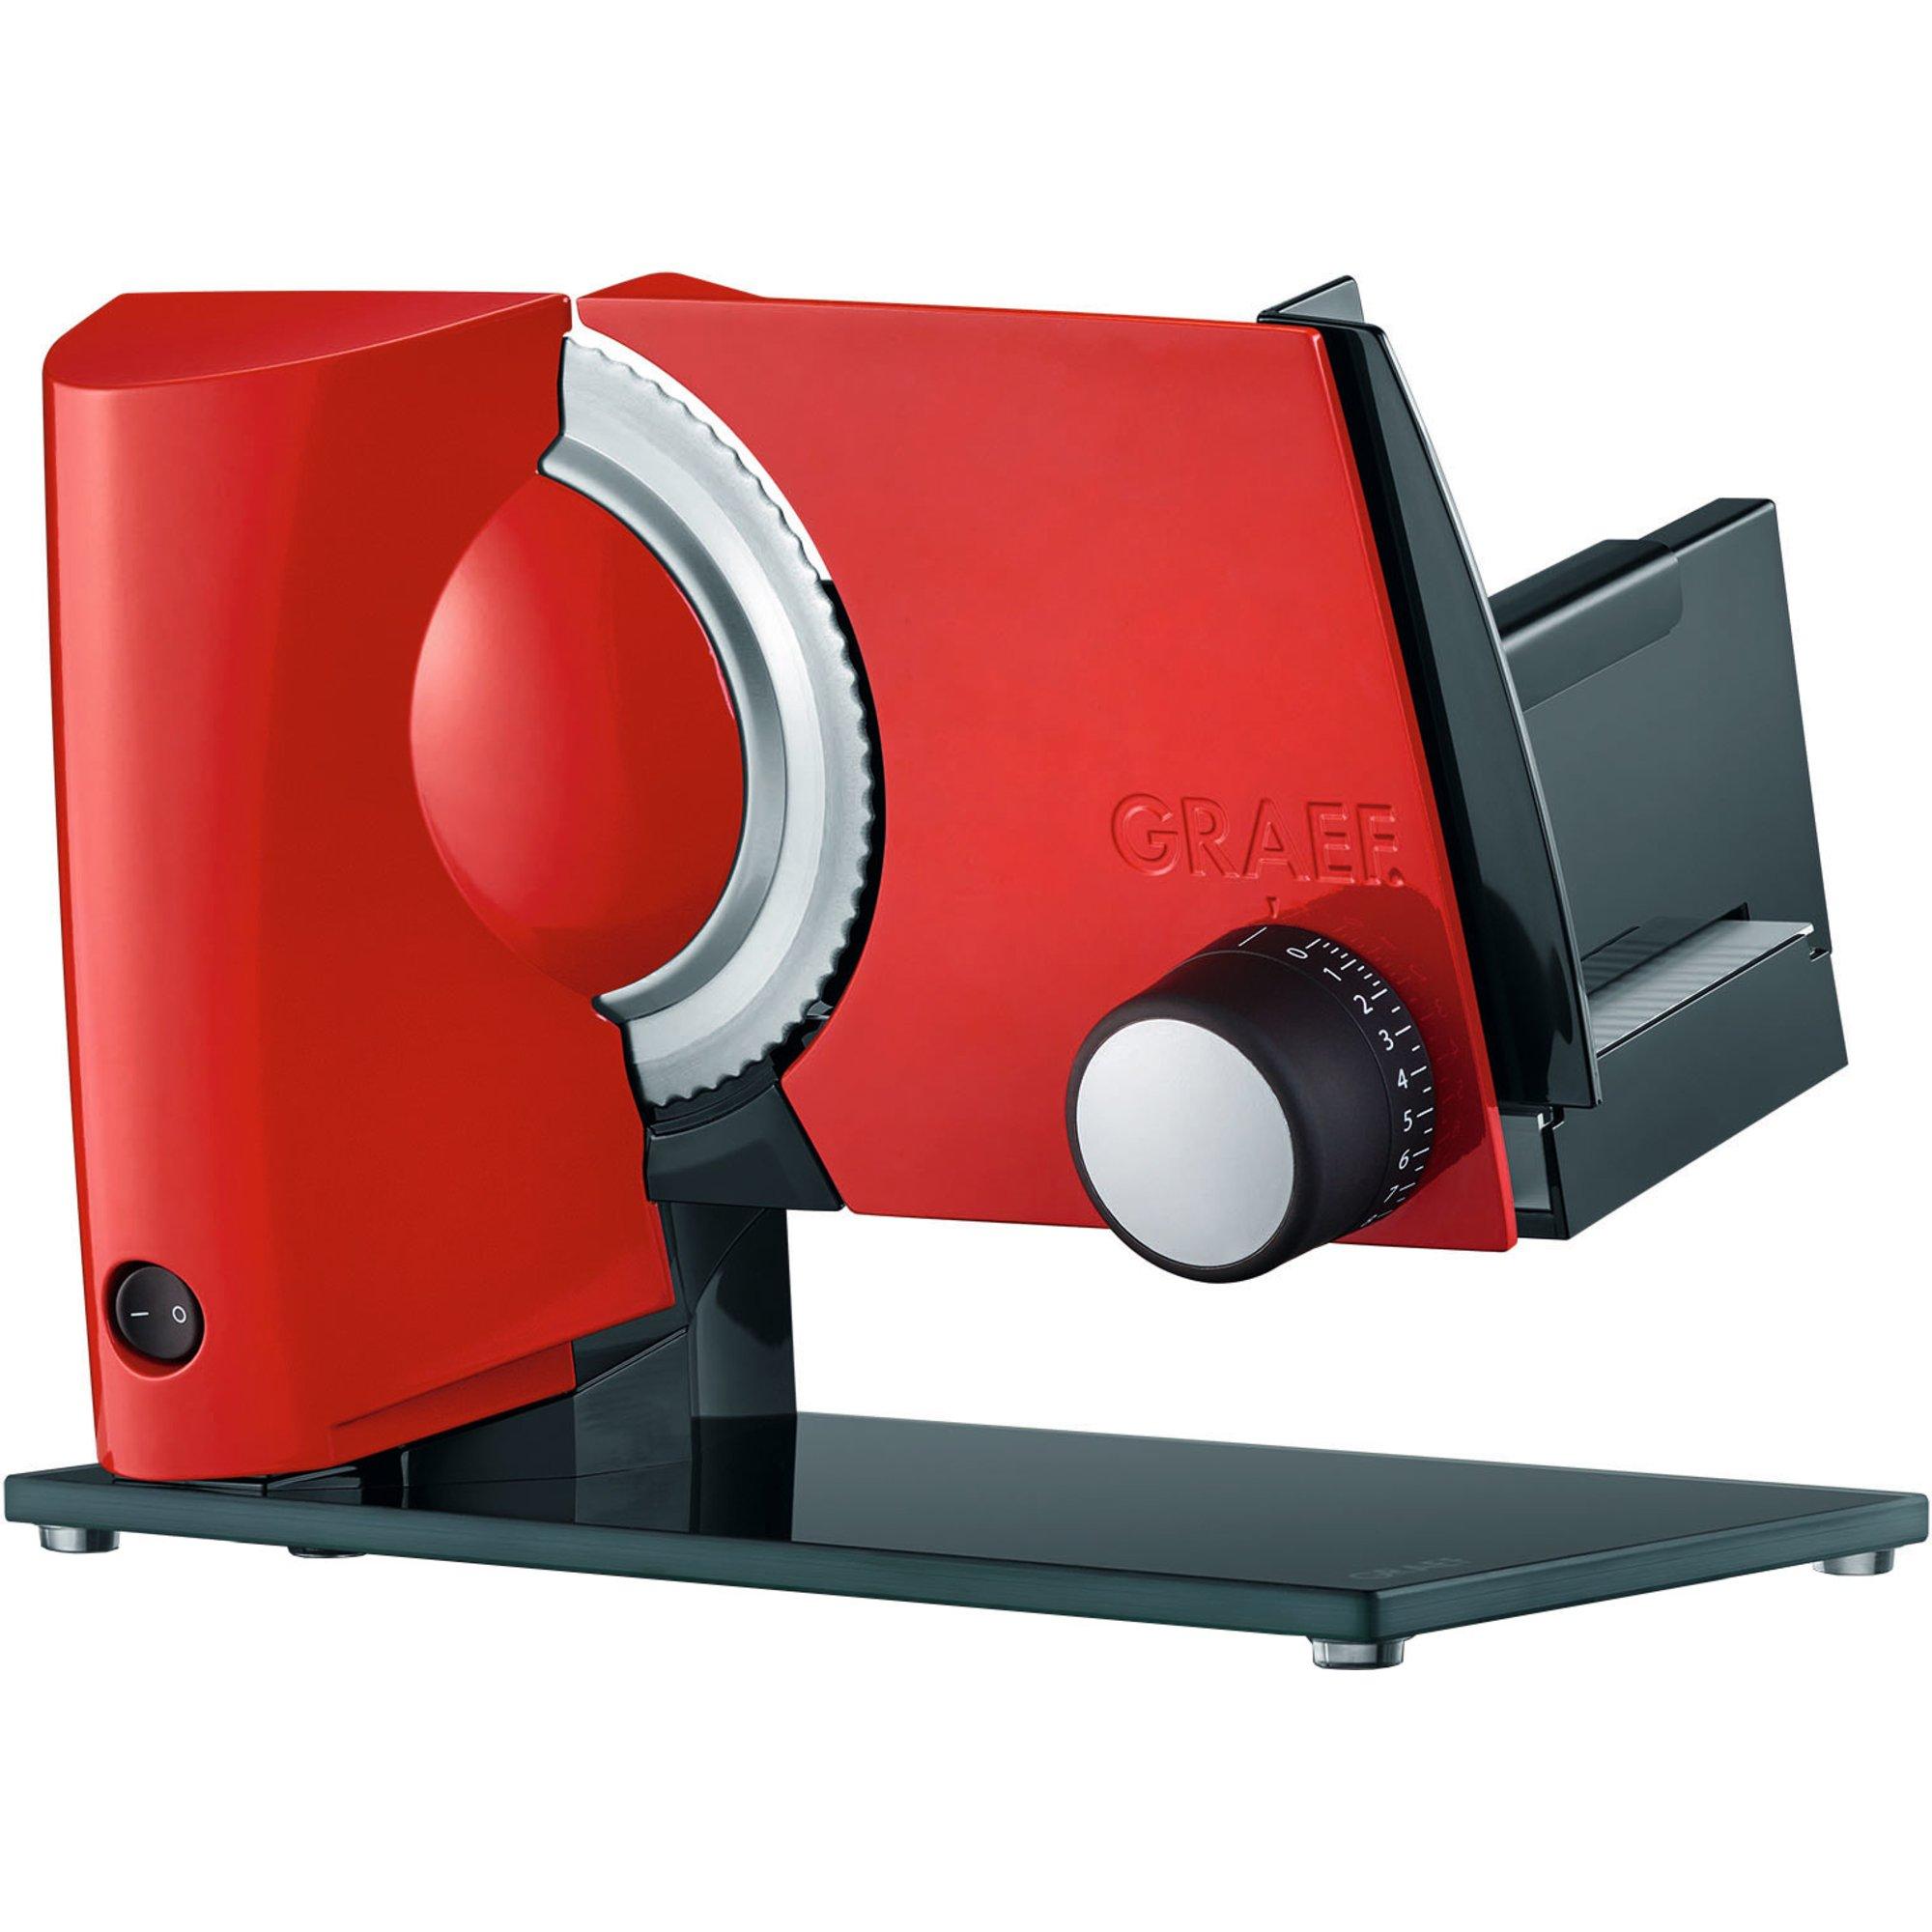 Graef MultiCut Plus Påläggsmaskin röd